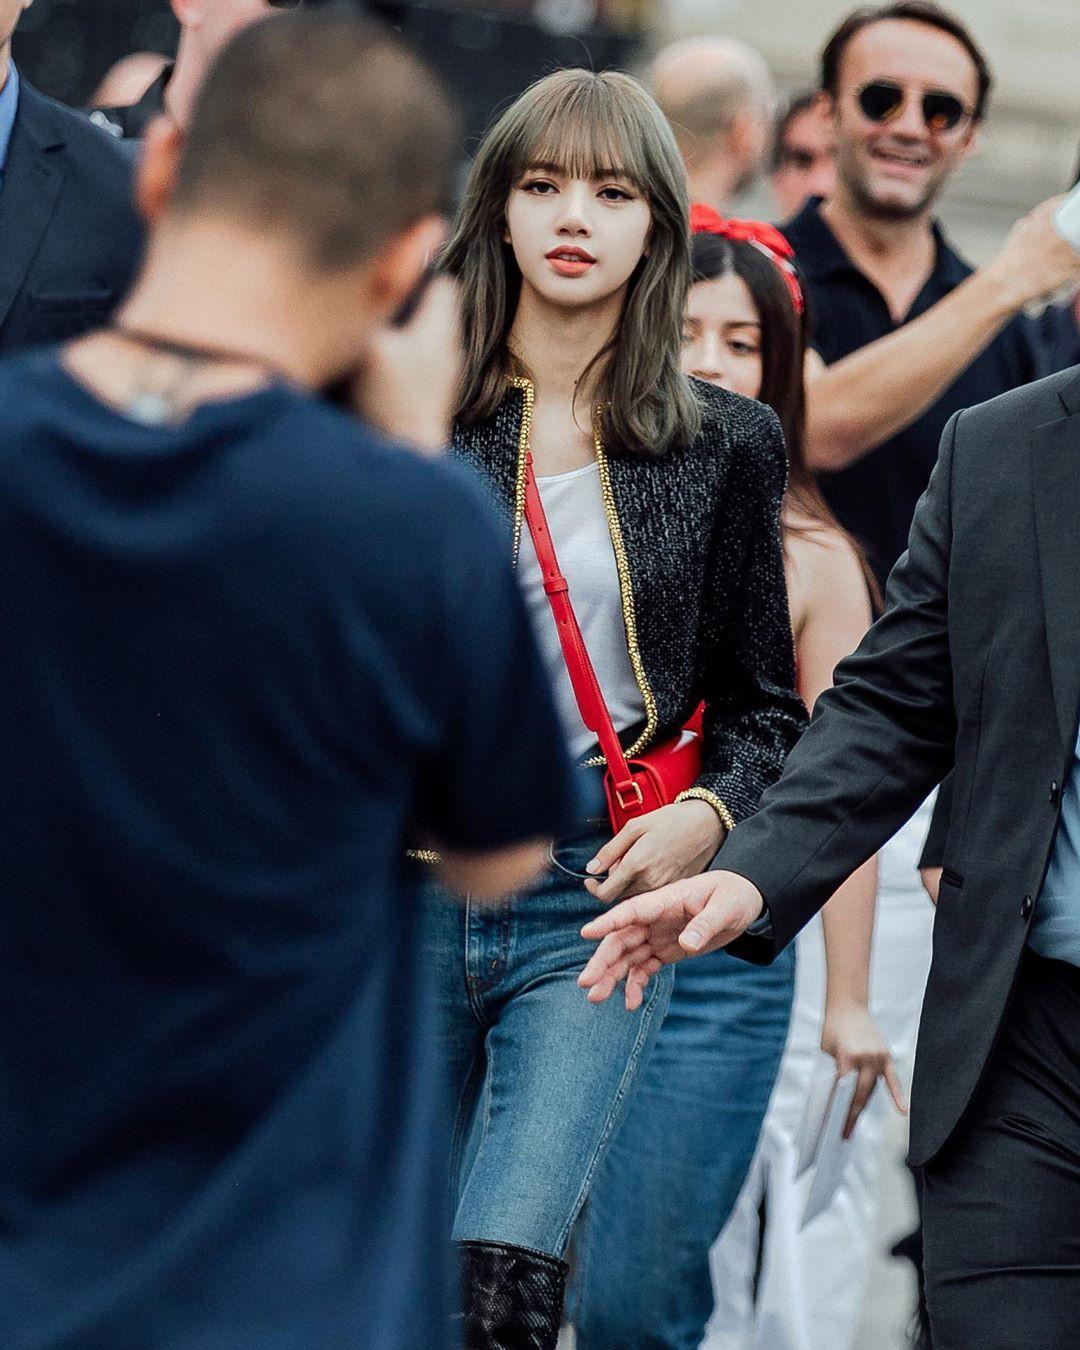 Muốn ná thở với bộ ảnh đẹp của Lisa tại sự kiện Paris: Lướt qua ống kính là thành bìa tạp chí, đôi chân mới khó tin - Ảnh 11.